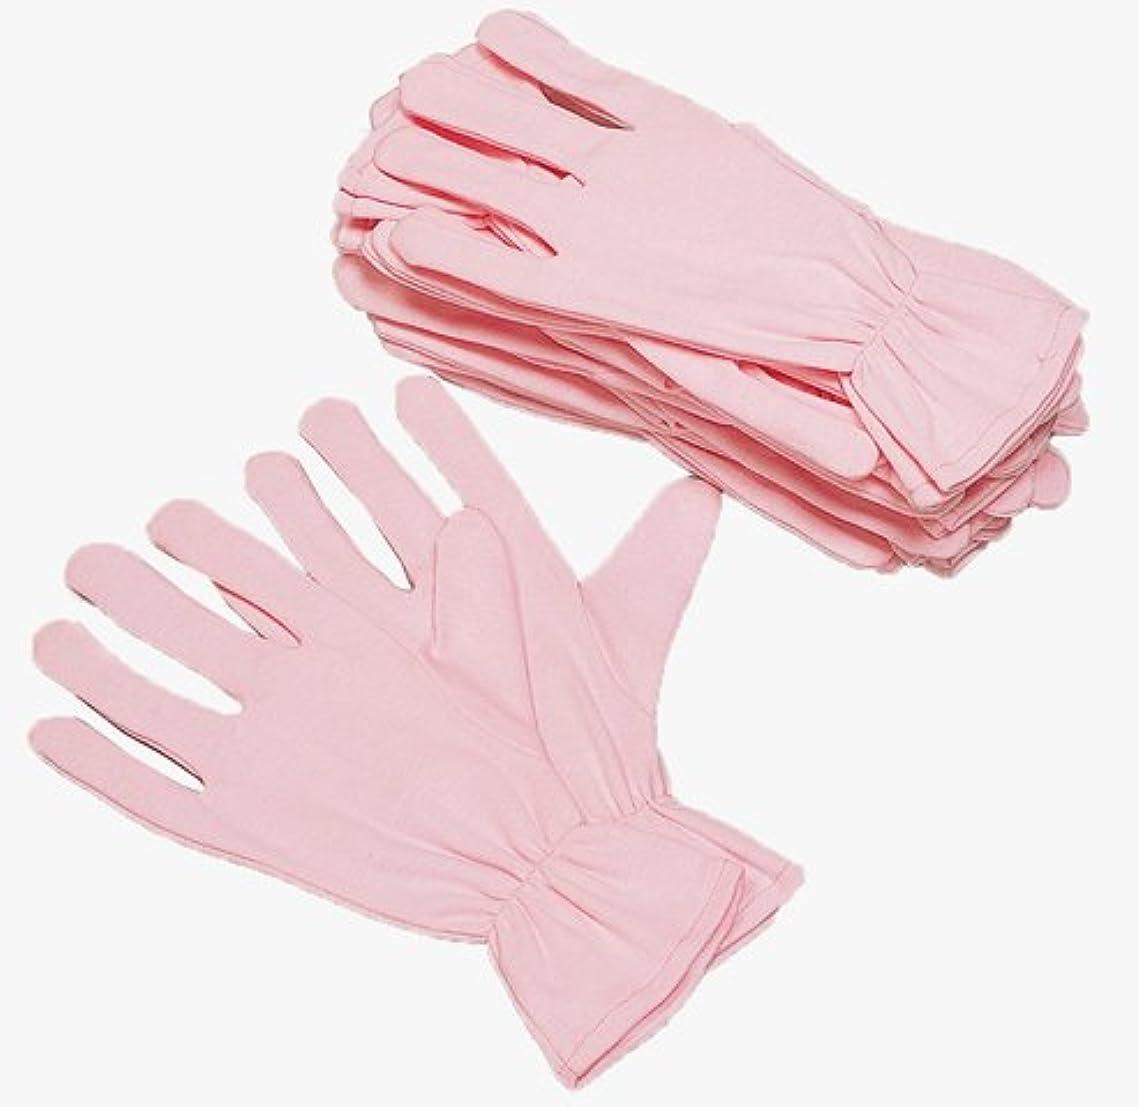 ダーベビルのテス楽しませる電極綿ソフト手袋12枚入×2個組